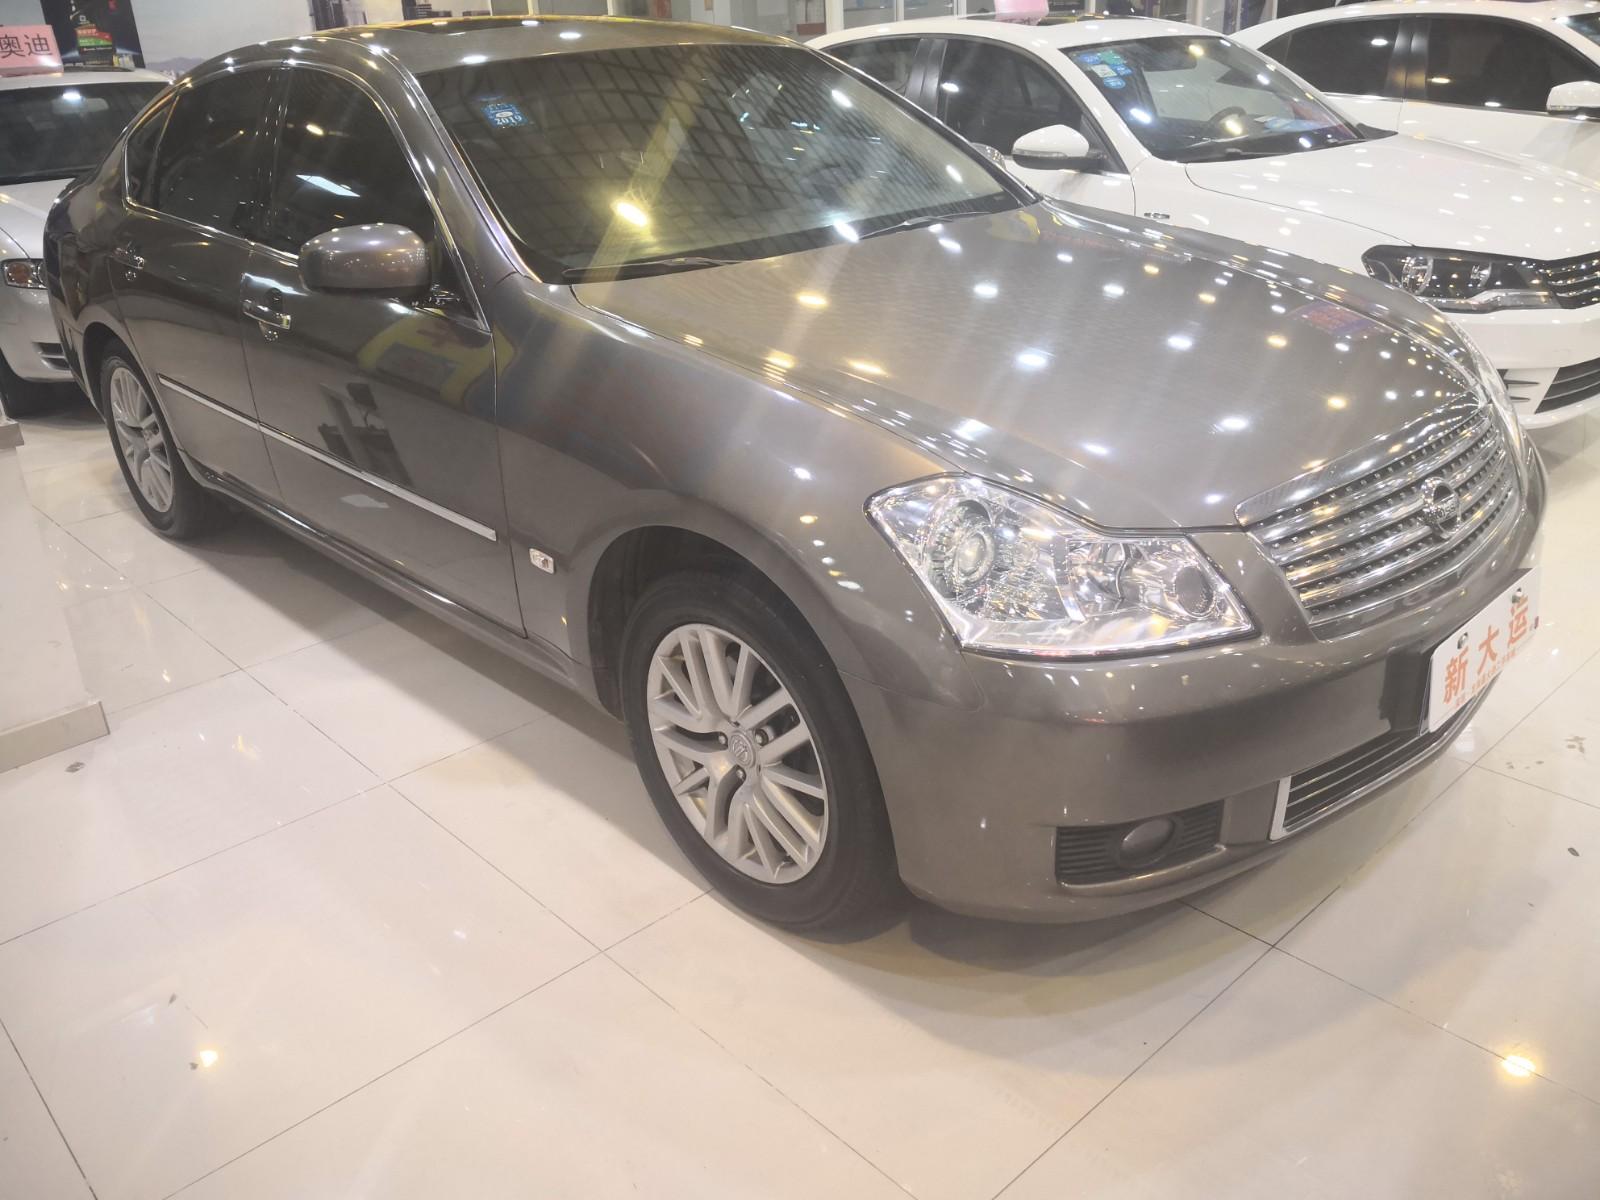 日产 风雅 2005款 350 豪华版